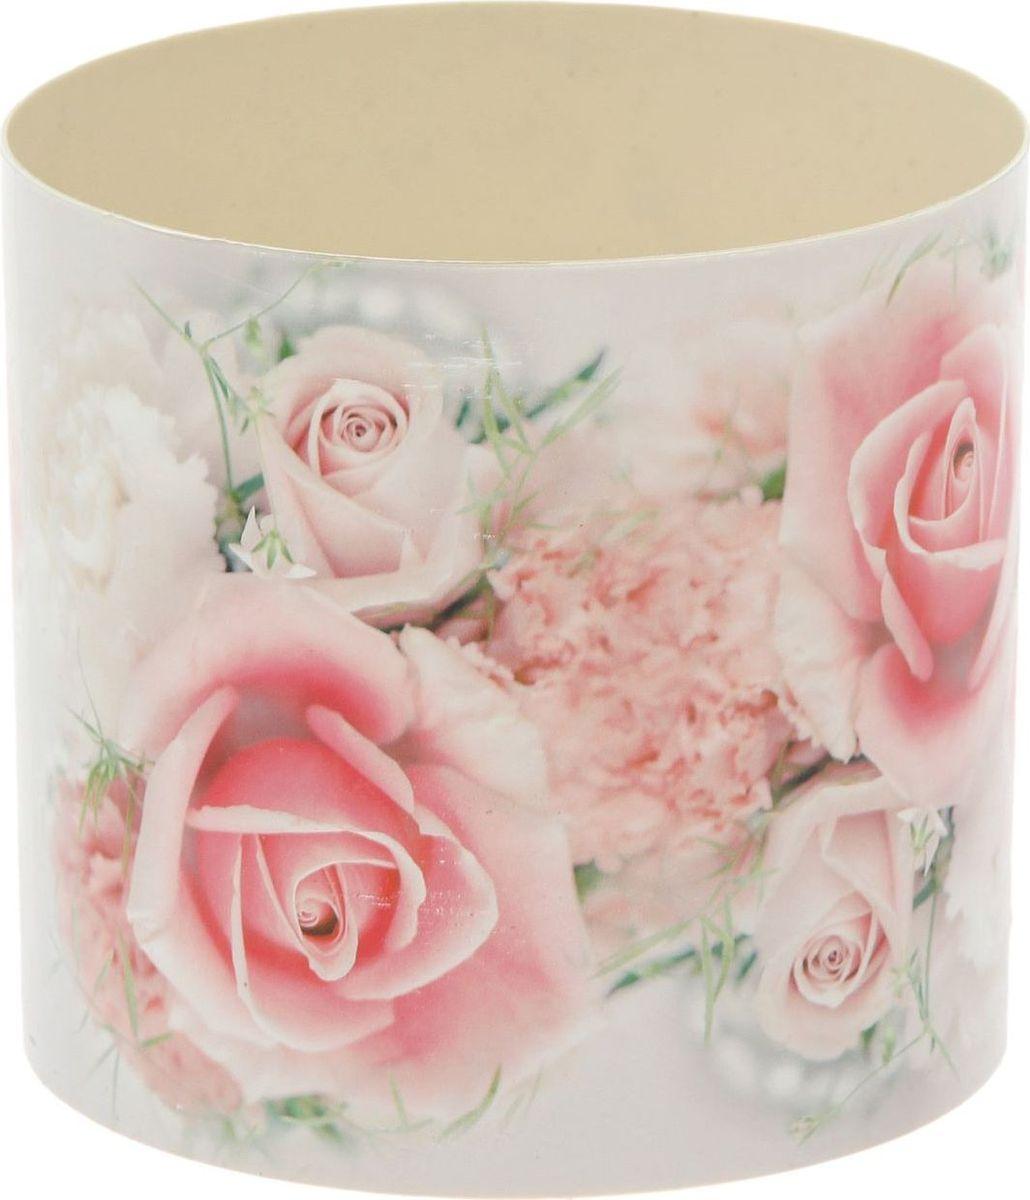 Горшок для цветов Simple Garden Розы, со скрытым поддоном, 1,7 л1915449Любой, даже самый современный и продуманный интерьер будет незавершённым без растений. Они не только очищают воздух и насыщают его кислородом, но и заметно украшают окружающее пространство. Такому полезному члену семьи просто необходимо красивое и функциональное кашпо, оригинальный горшок или необычная ваза!Горшок для цветов Simple Garden Розы предназначен для выращивания цветов, растений и трав. Он порадует вас функциональностью, а также украсит интерьер помещения.Объем горшка: 1,7 л.